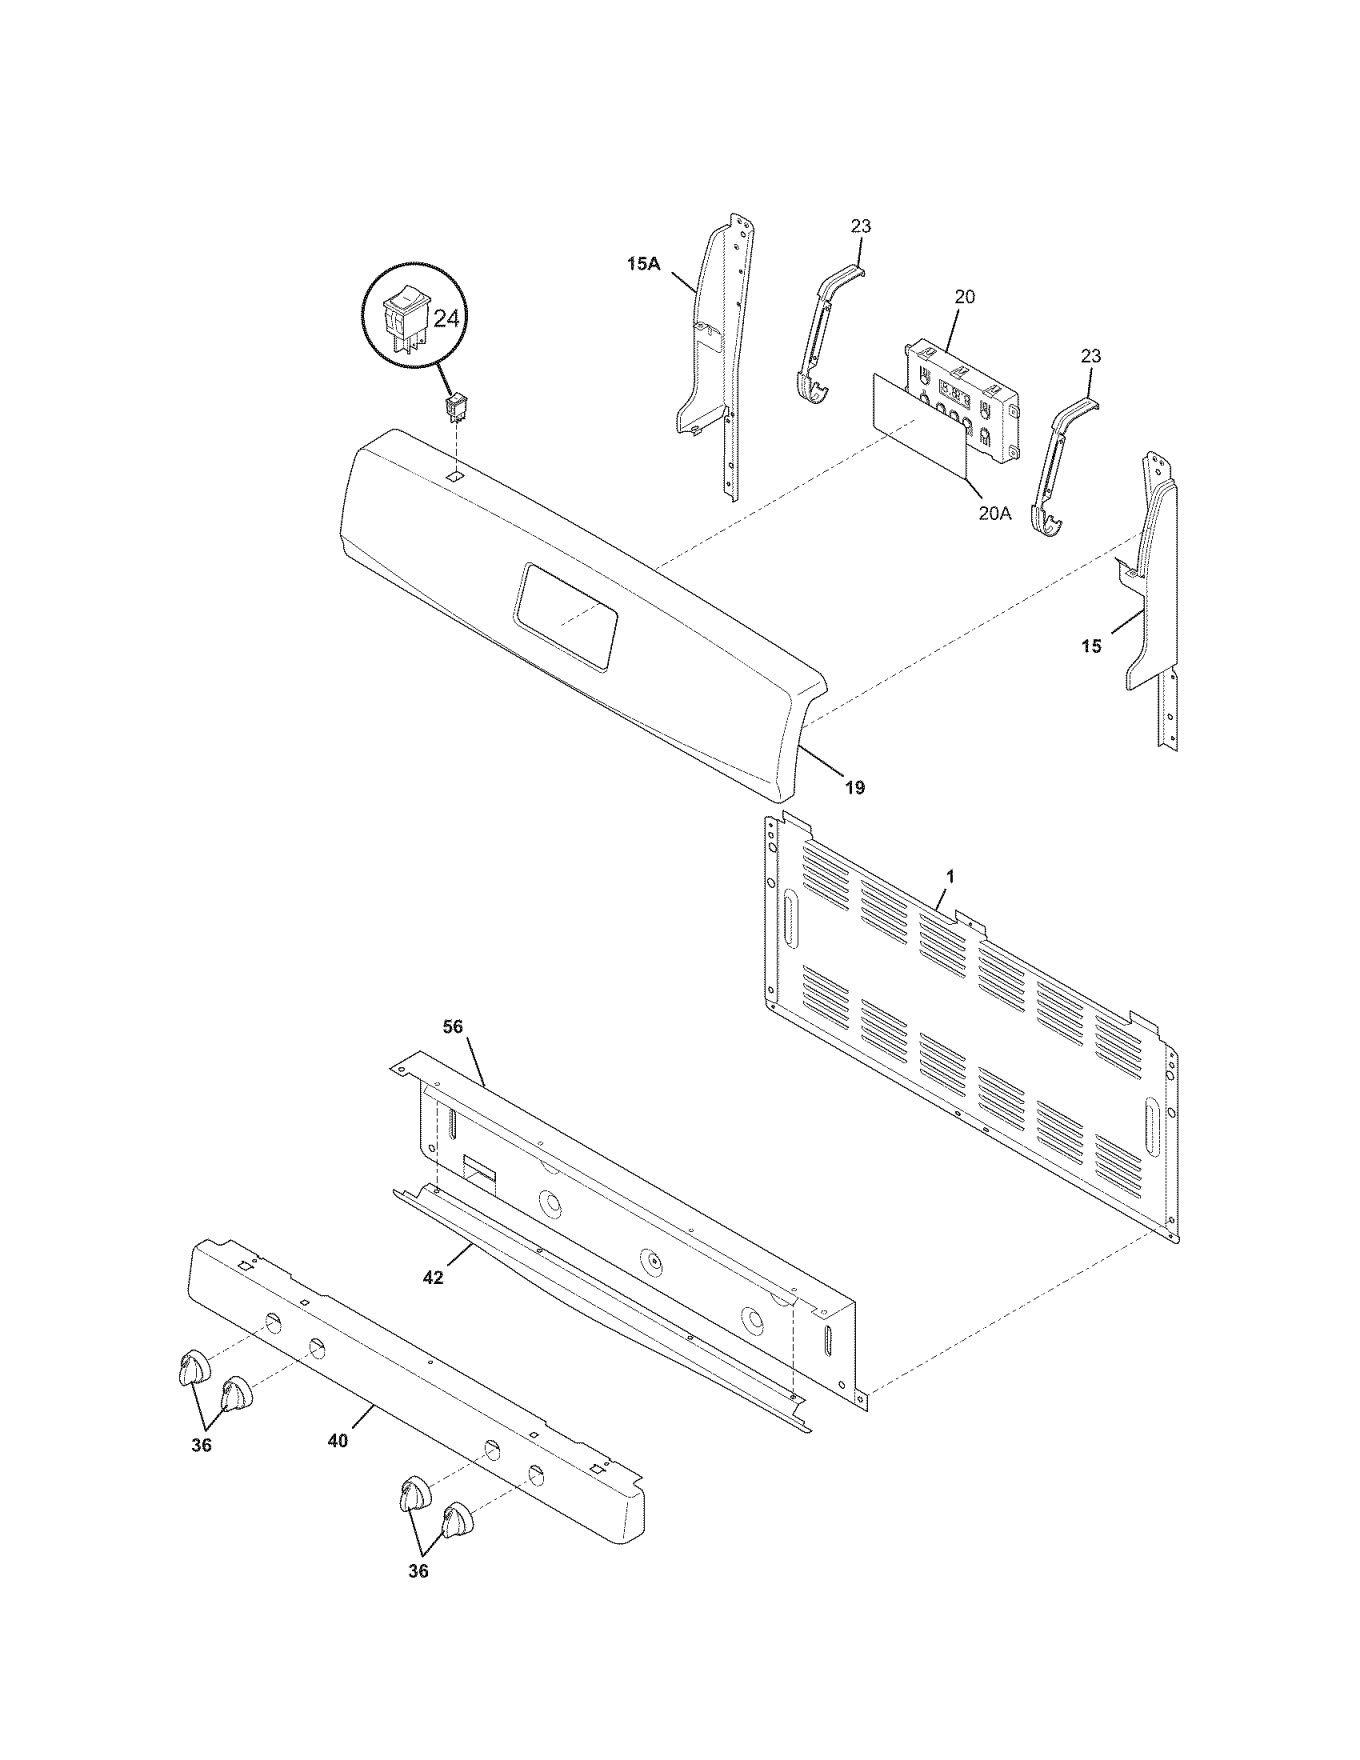 Dyson Dc17 Parts Diagram Brand New Dyson Dc17 Animal Parts